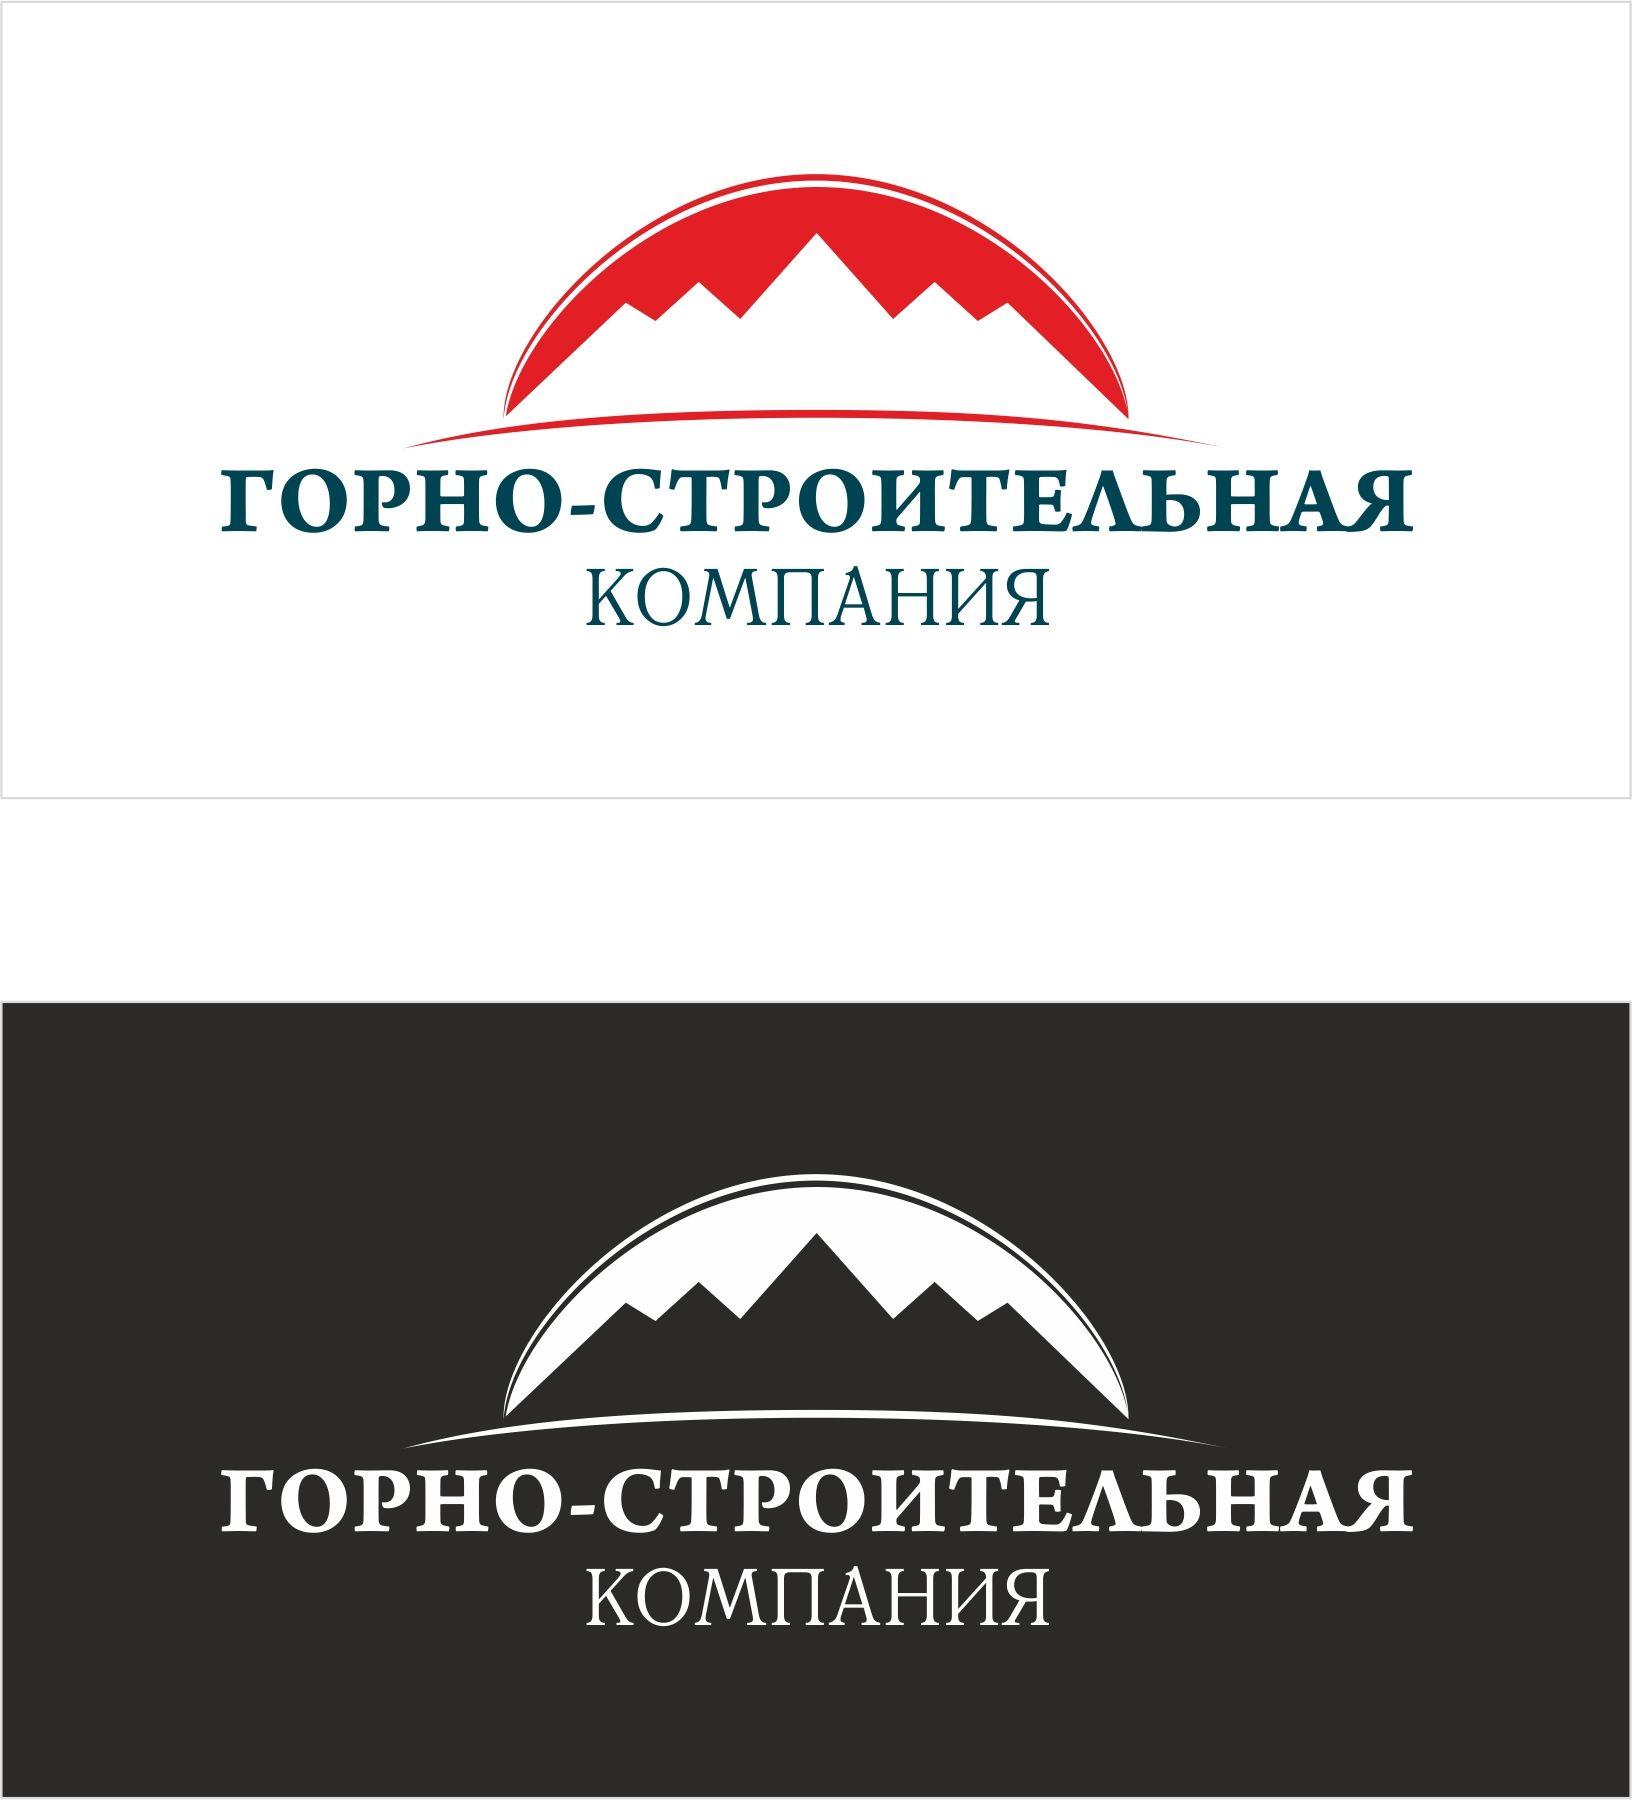 Логотип для Горно-Строительной Компании - дизайнер KylTas